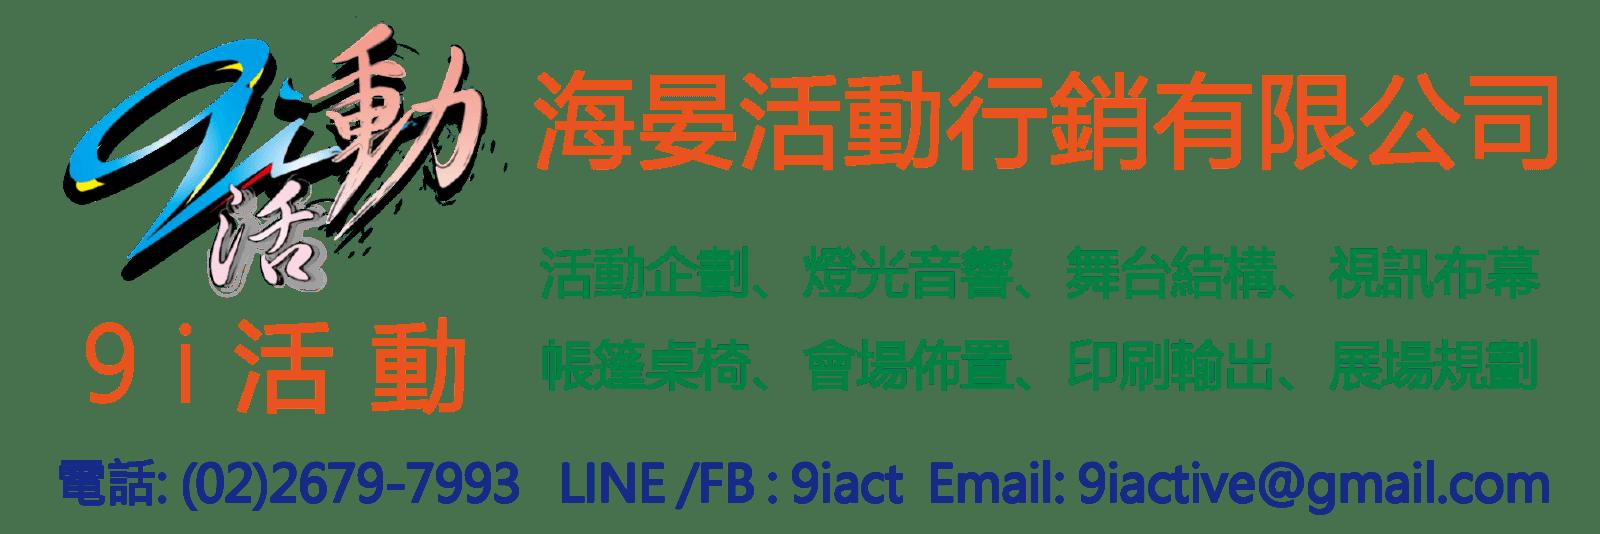 9i活動-海晏活動行銷有限公司